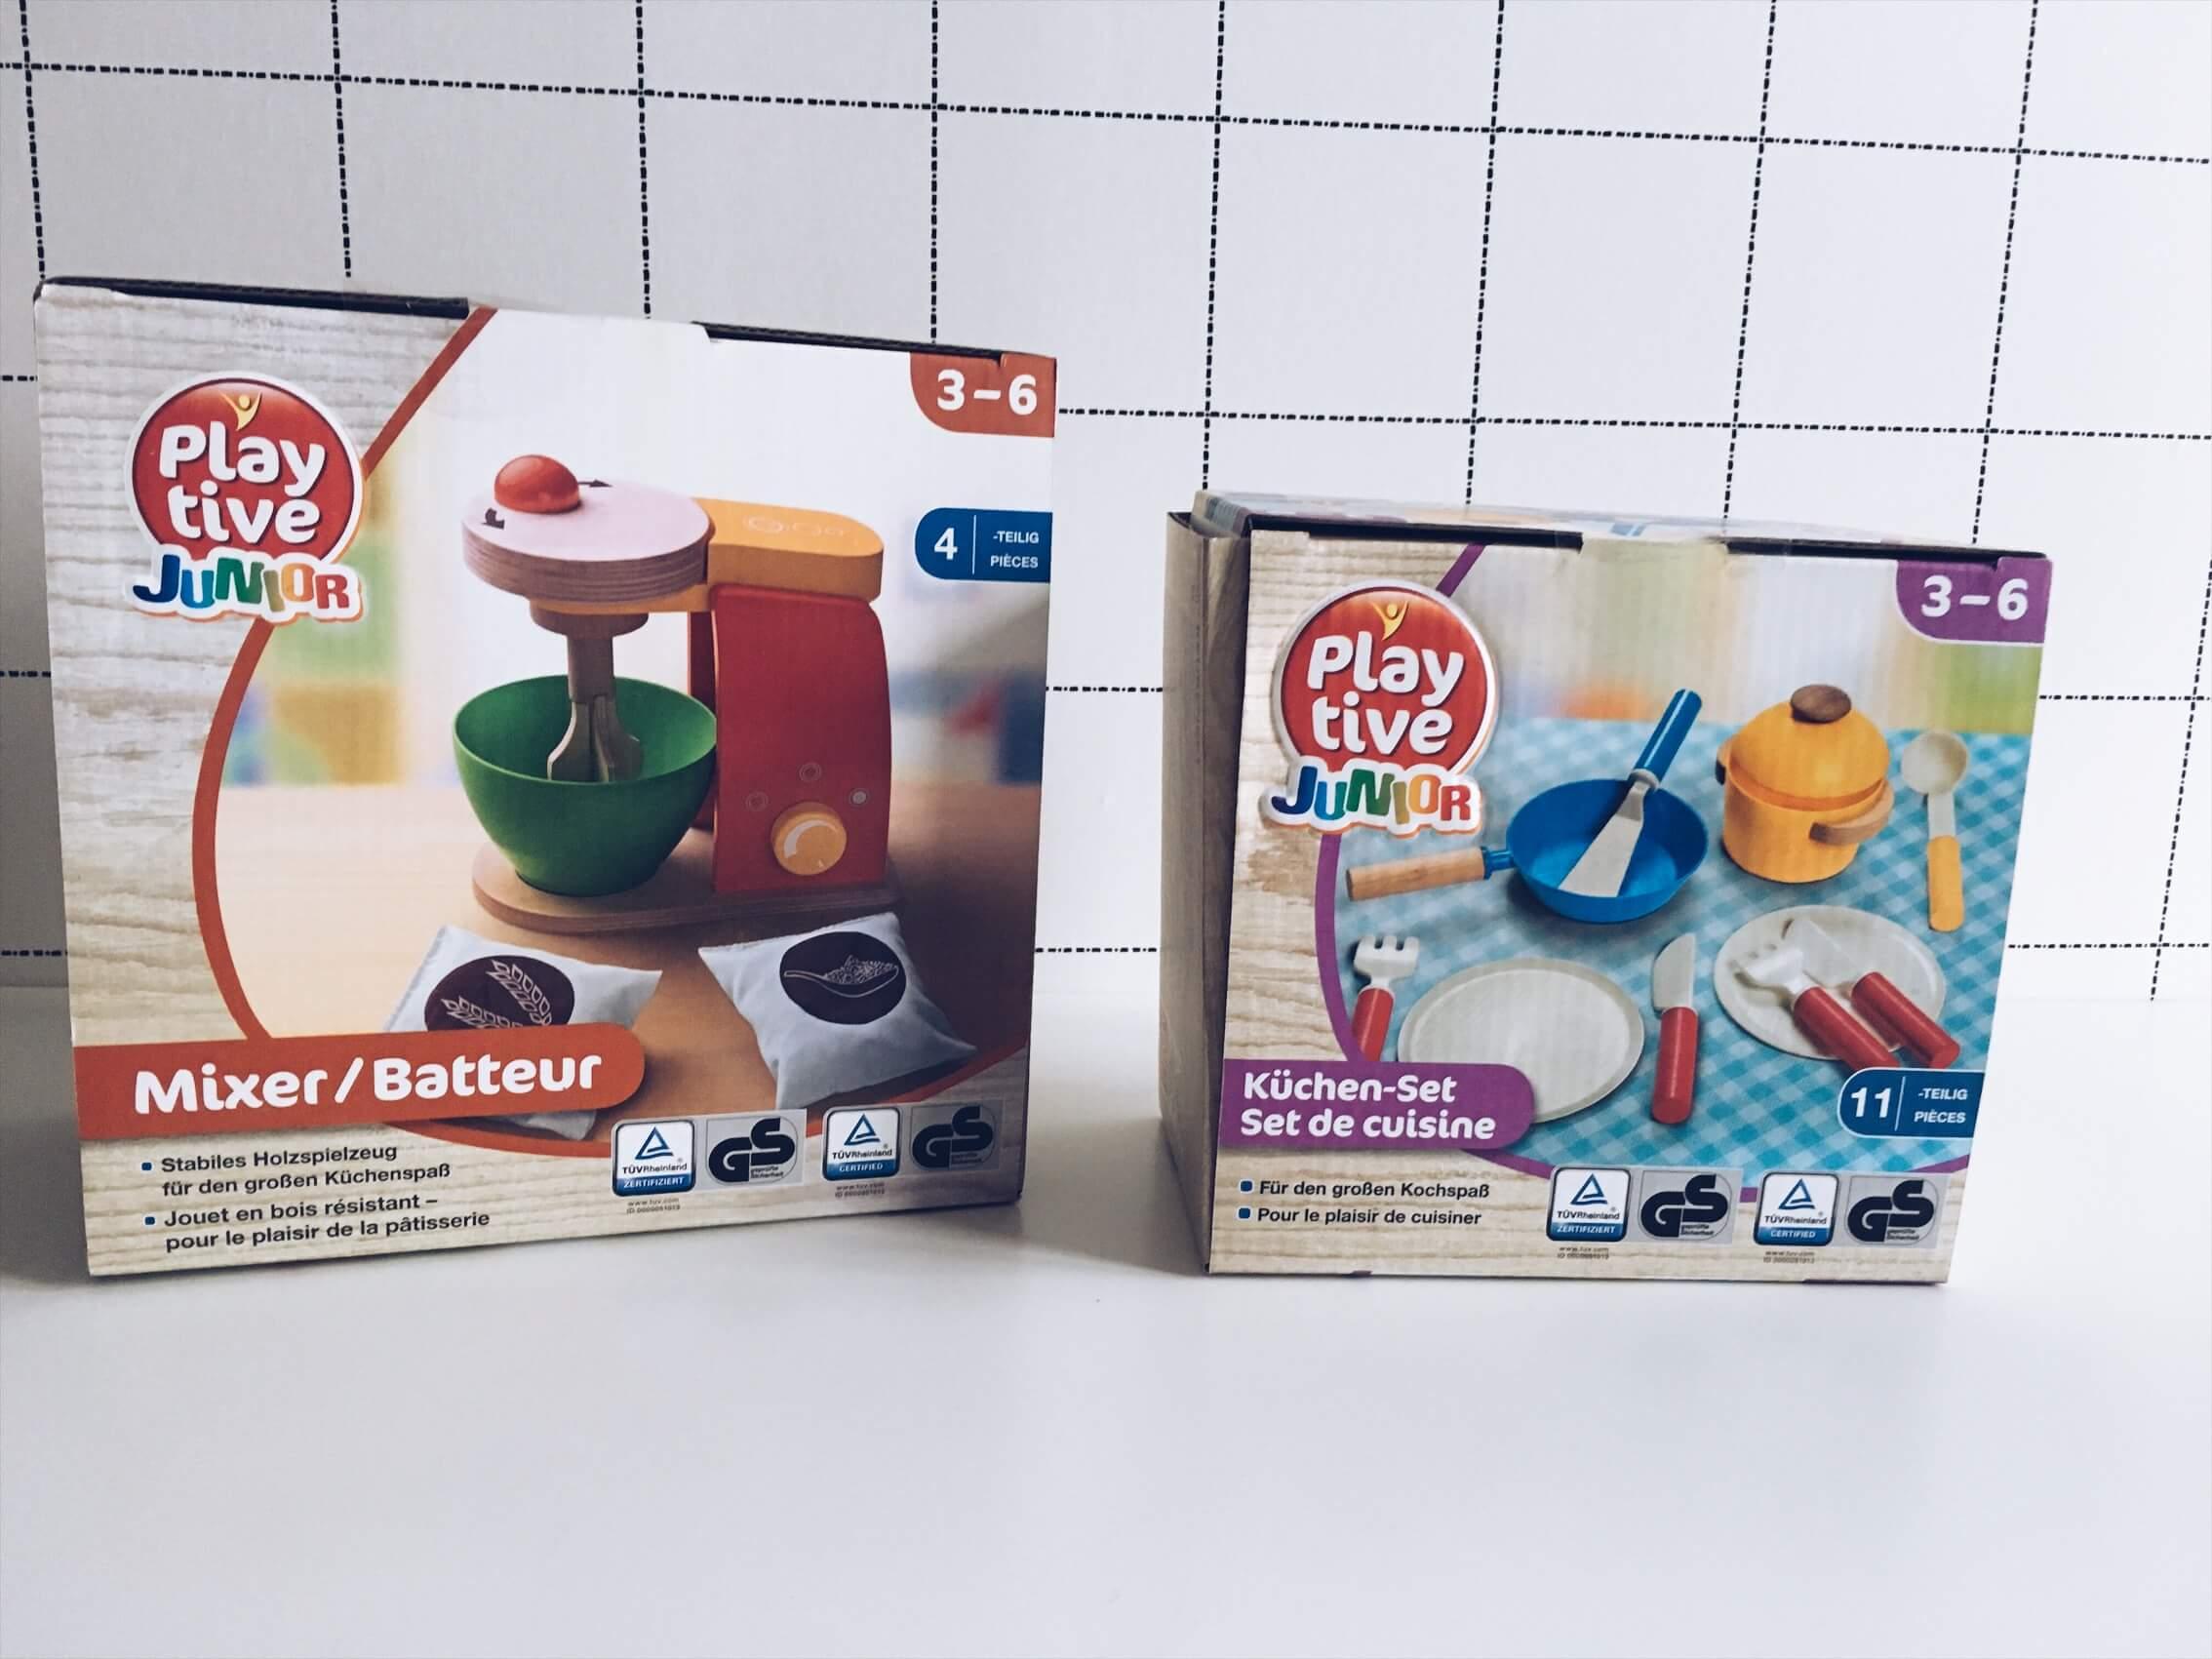 3B7D0FDC 8808 485B BF8B 9F4CA98C33A6 - Hoe vind je het ideale cadeautje voor kinderen + tips